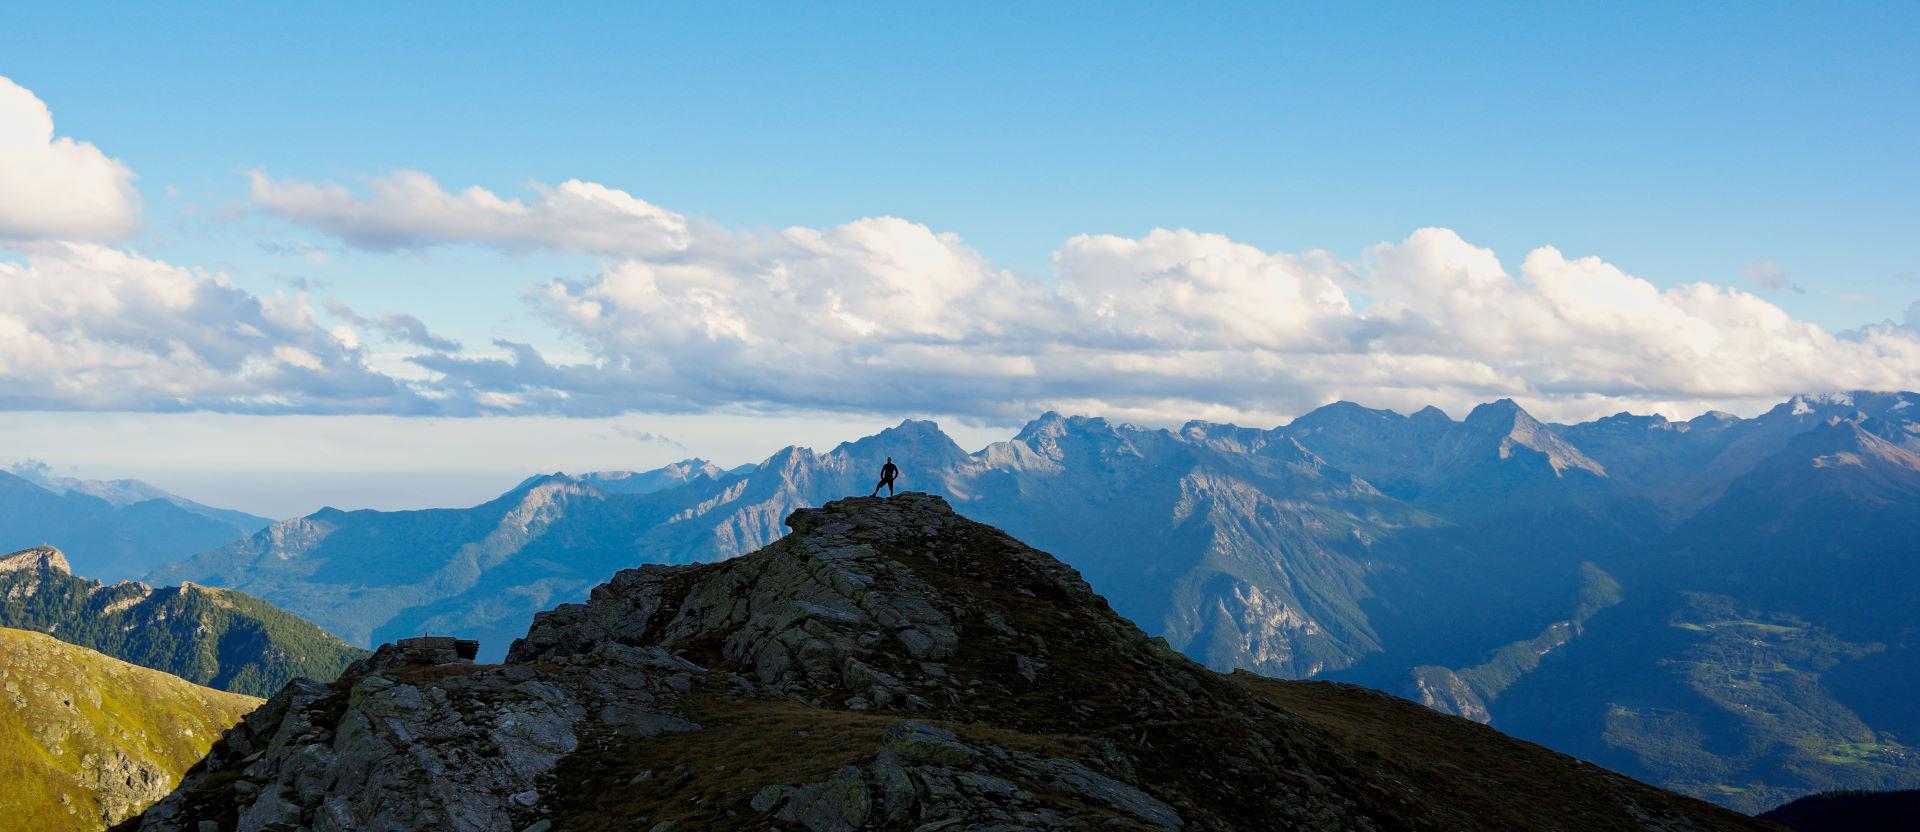 Italien 17.-19. september - Vandring i Alperne del 1